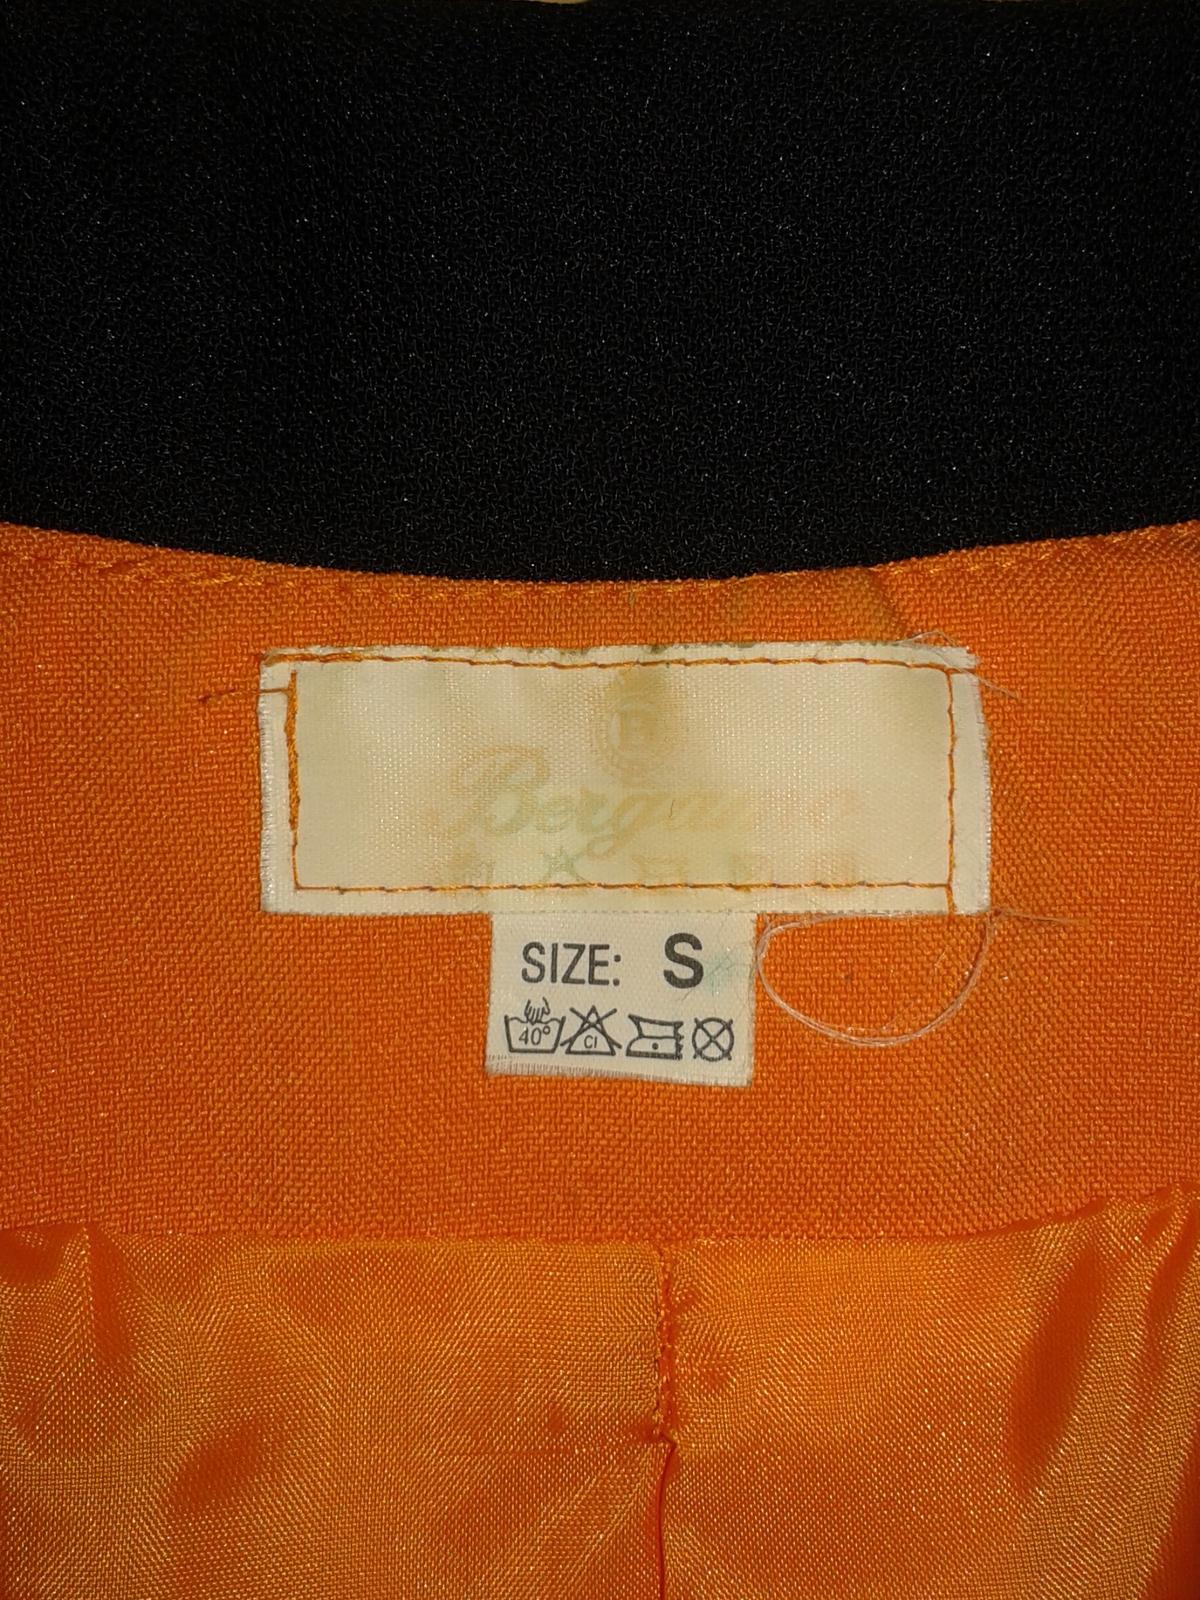 Dievčenský sukňový kostým - Obrázok č. 3